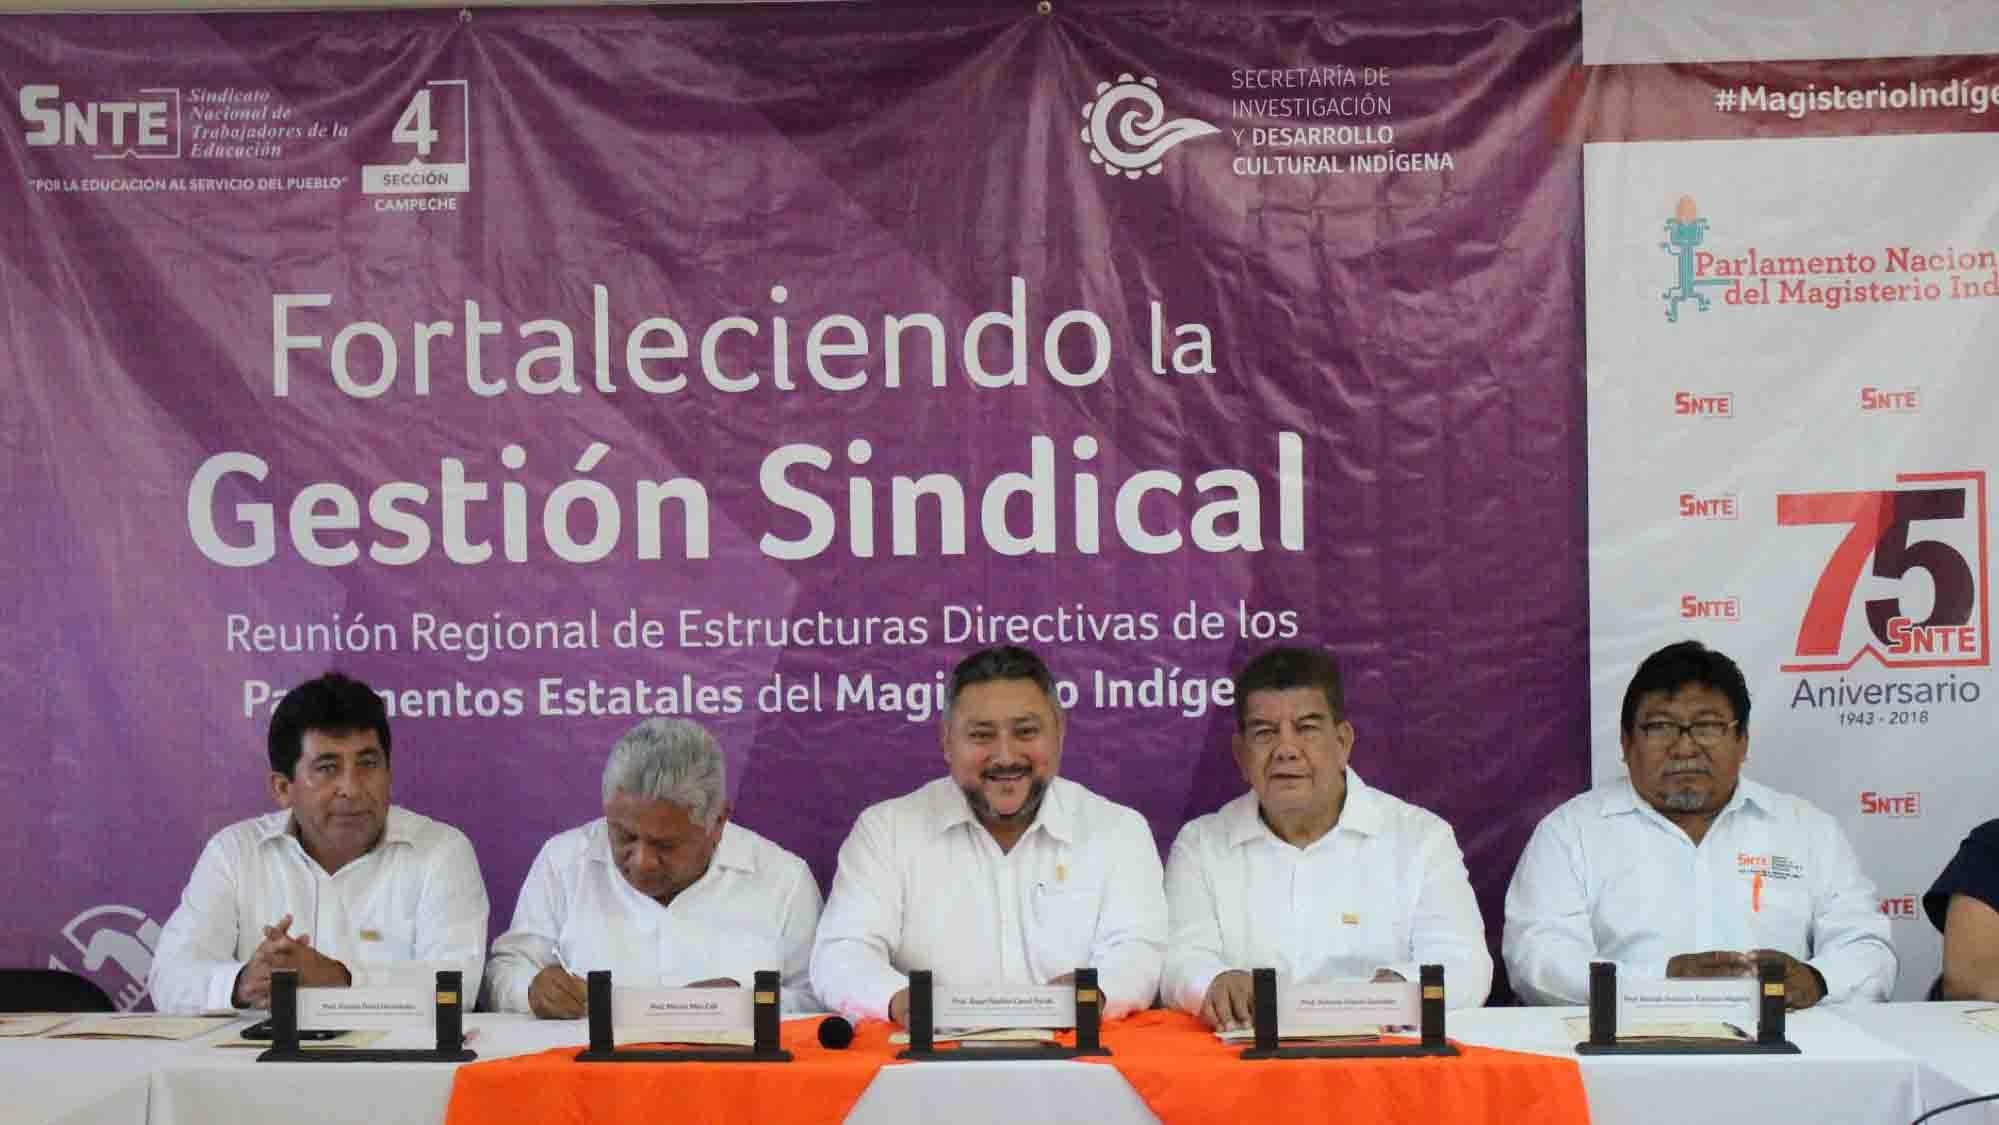 'Tercera Reunión Regional de Estructuras Directivas de los Parlamentos Estatales del Magisterio Indígena'.